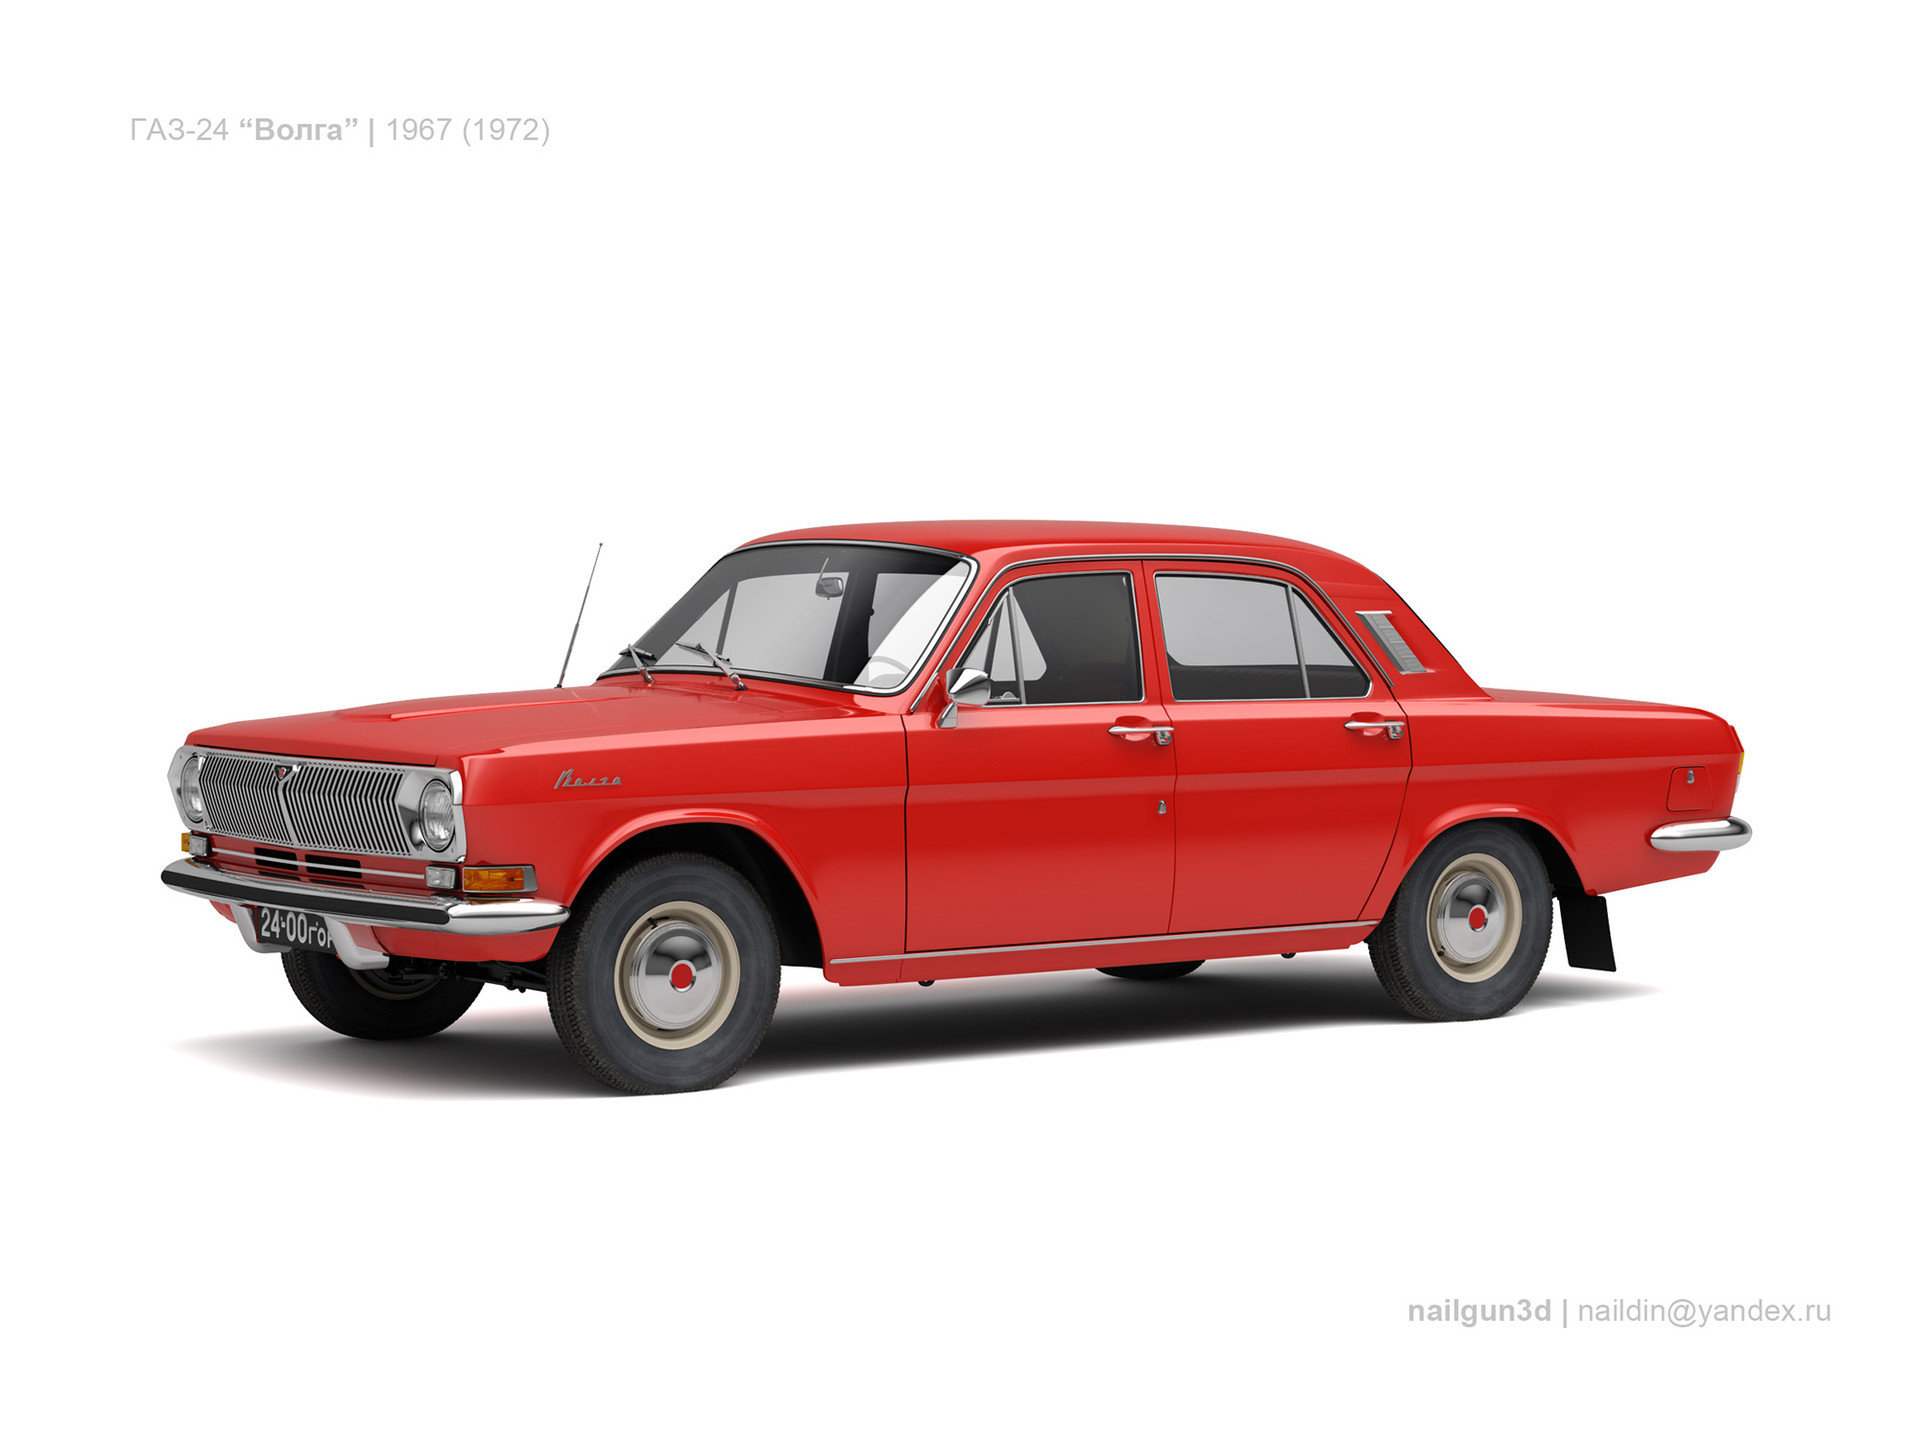 Nail khusnutdinov ussr gaz 24 volga 1967 72 0